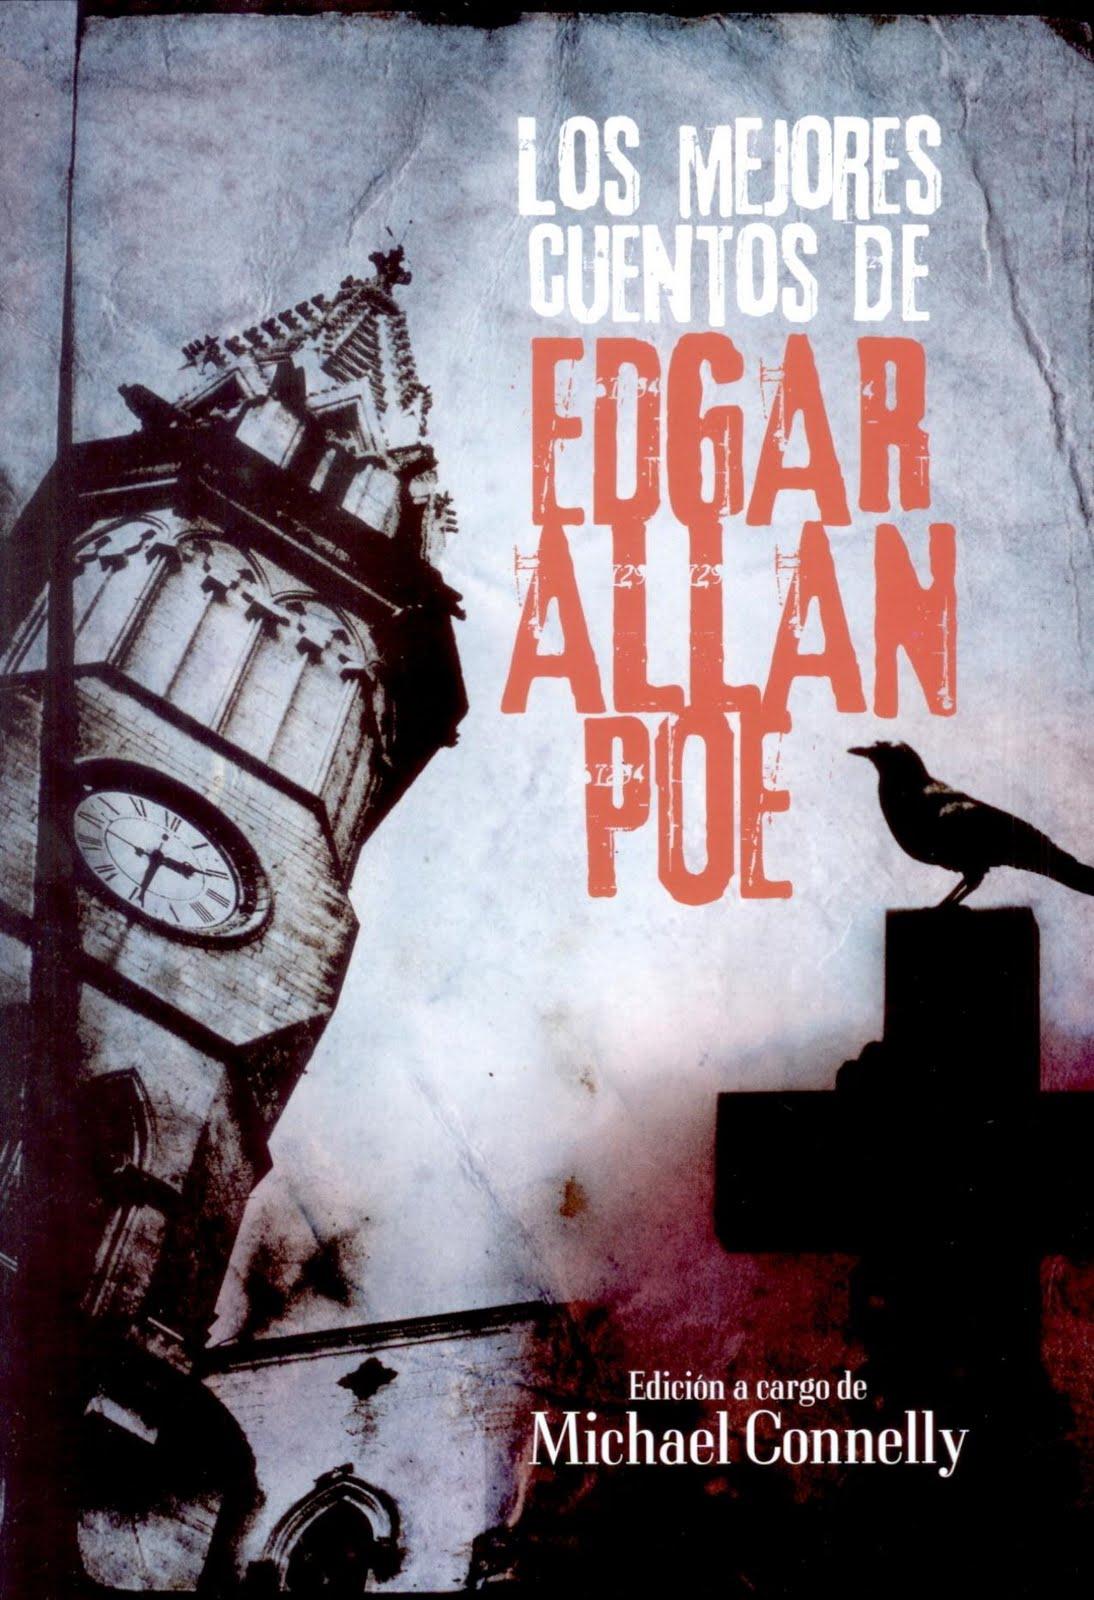 Cuentos de Edgar Allan Poe Espaol EPUB  Identi